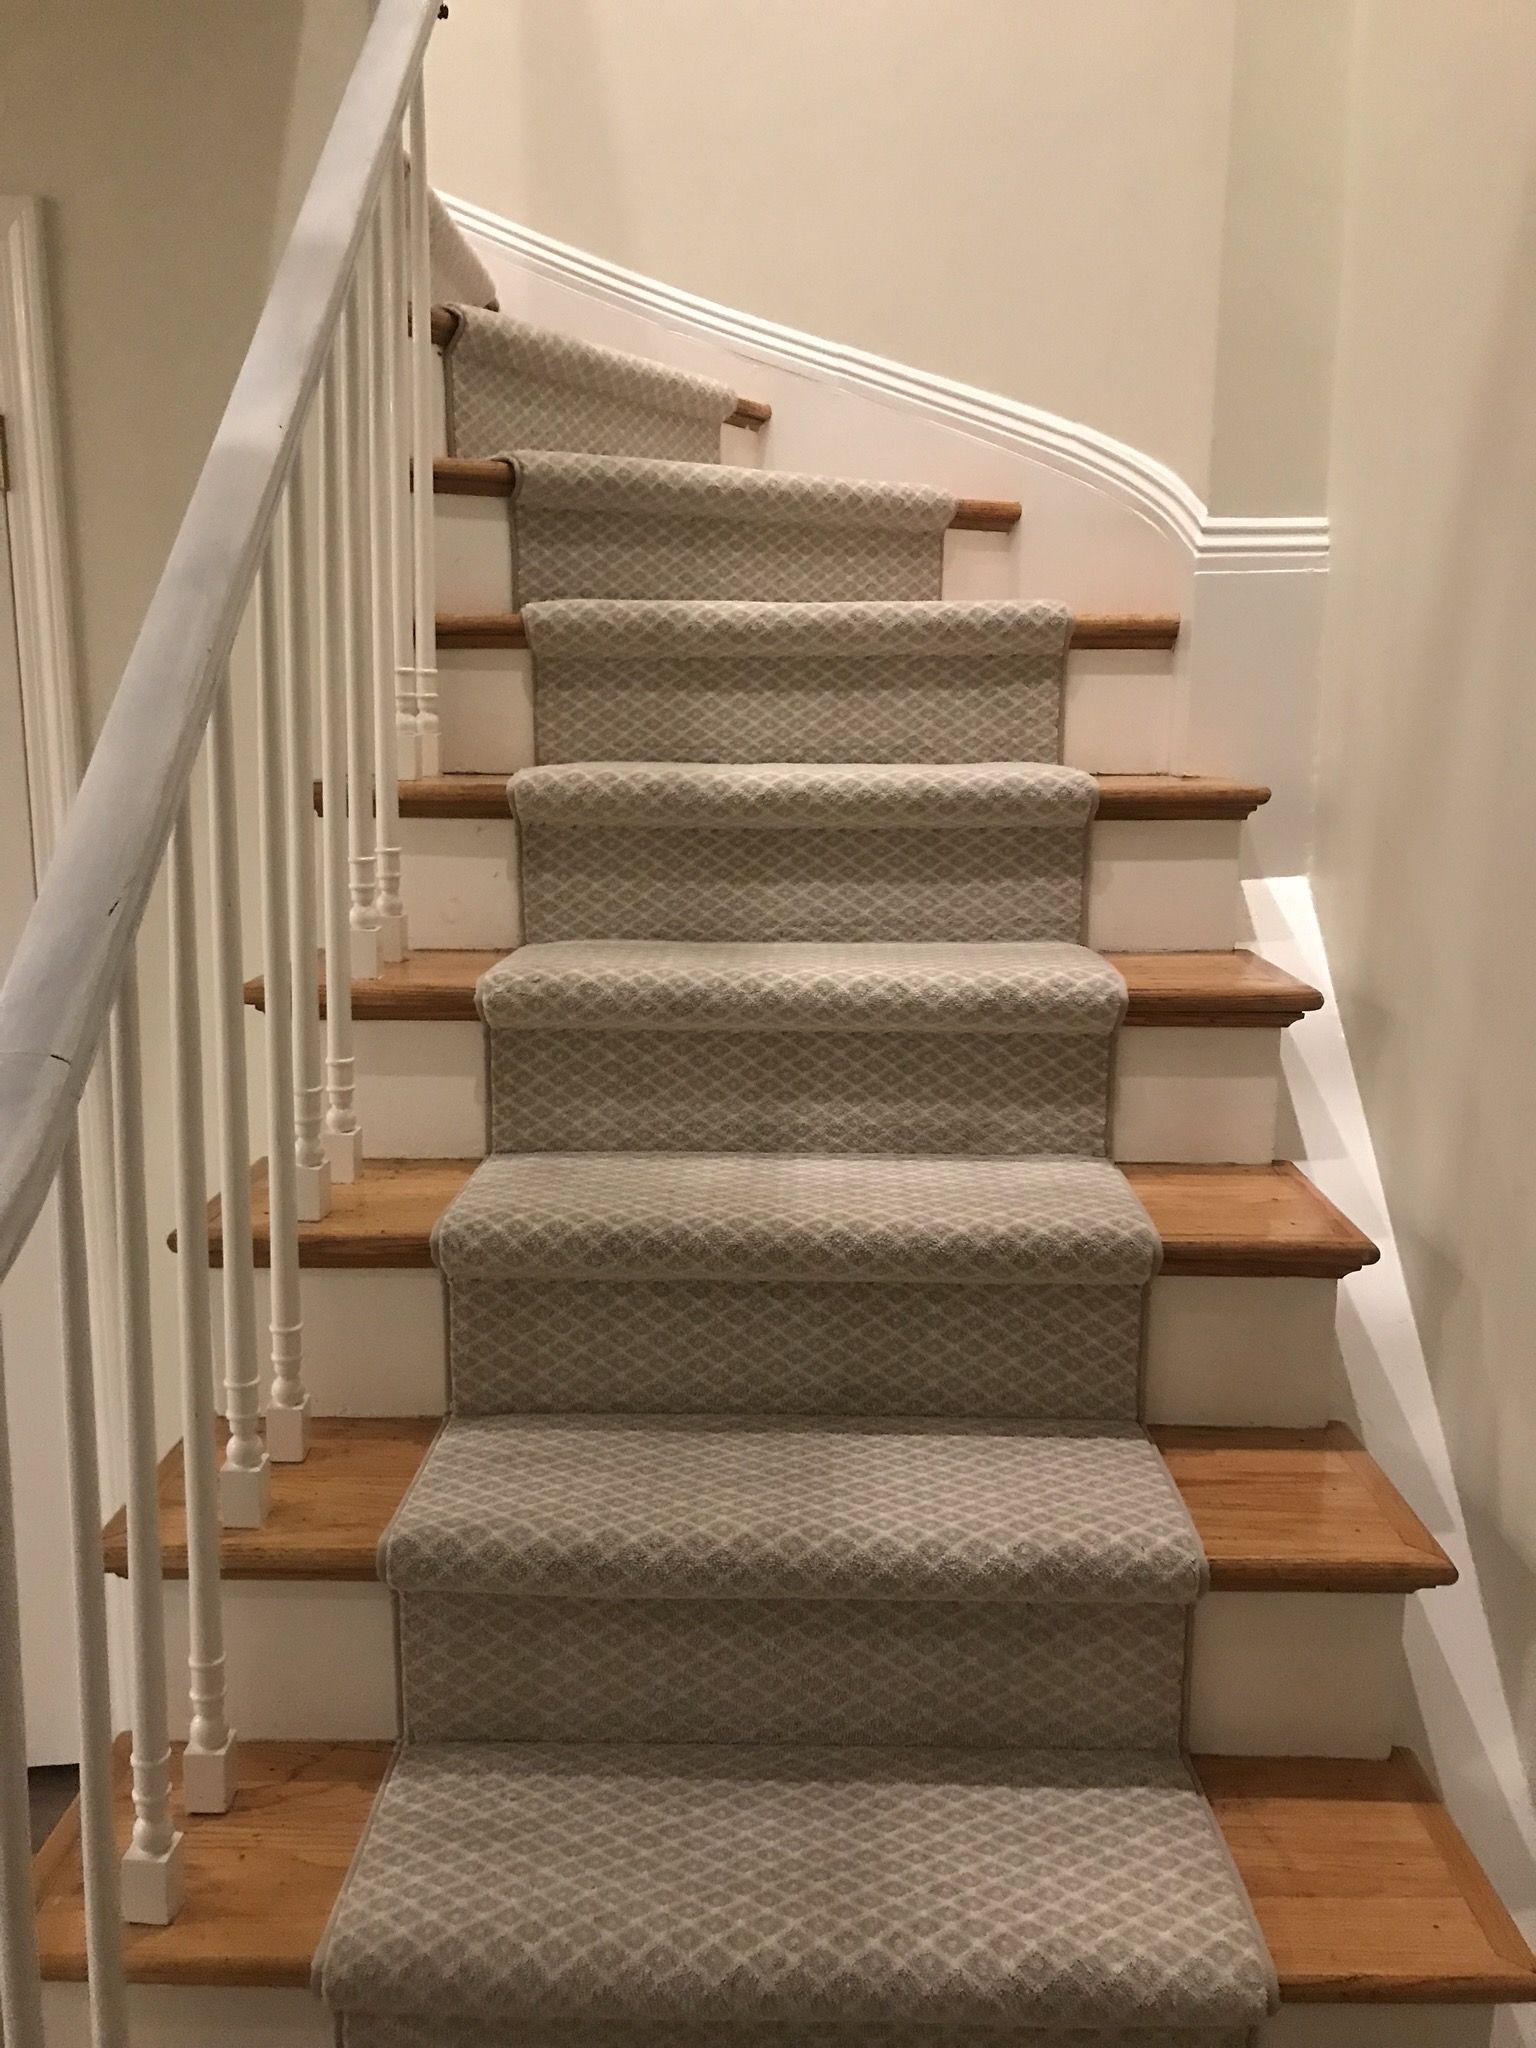 Boston Newyork Wool Plush Stair Stairrunner Runner Modern | Rug Runners For Steps | Design | Pattern | Black | Hallway | Animal Print